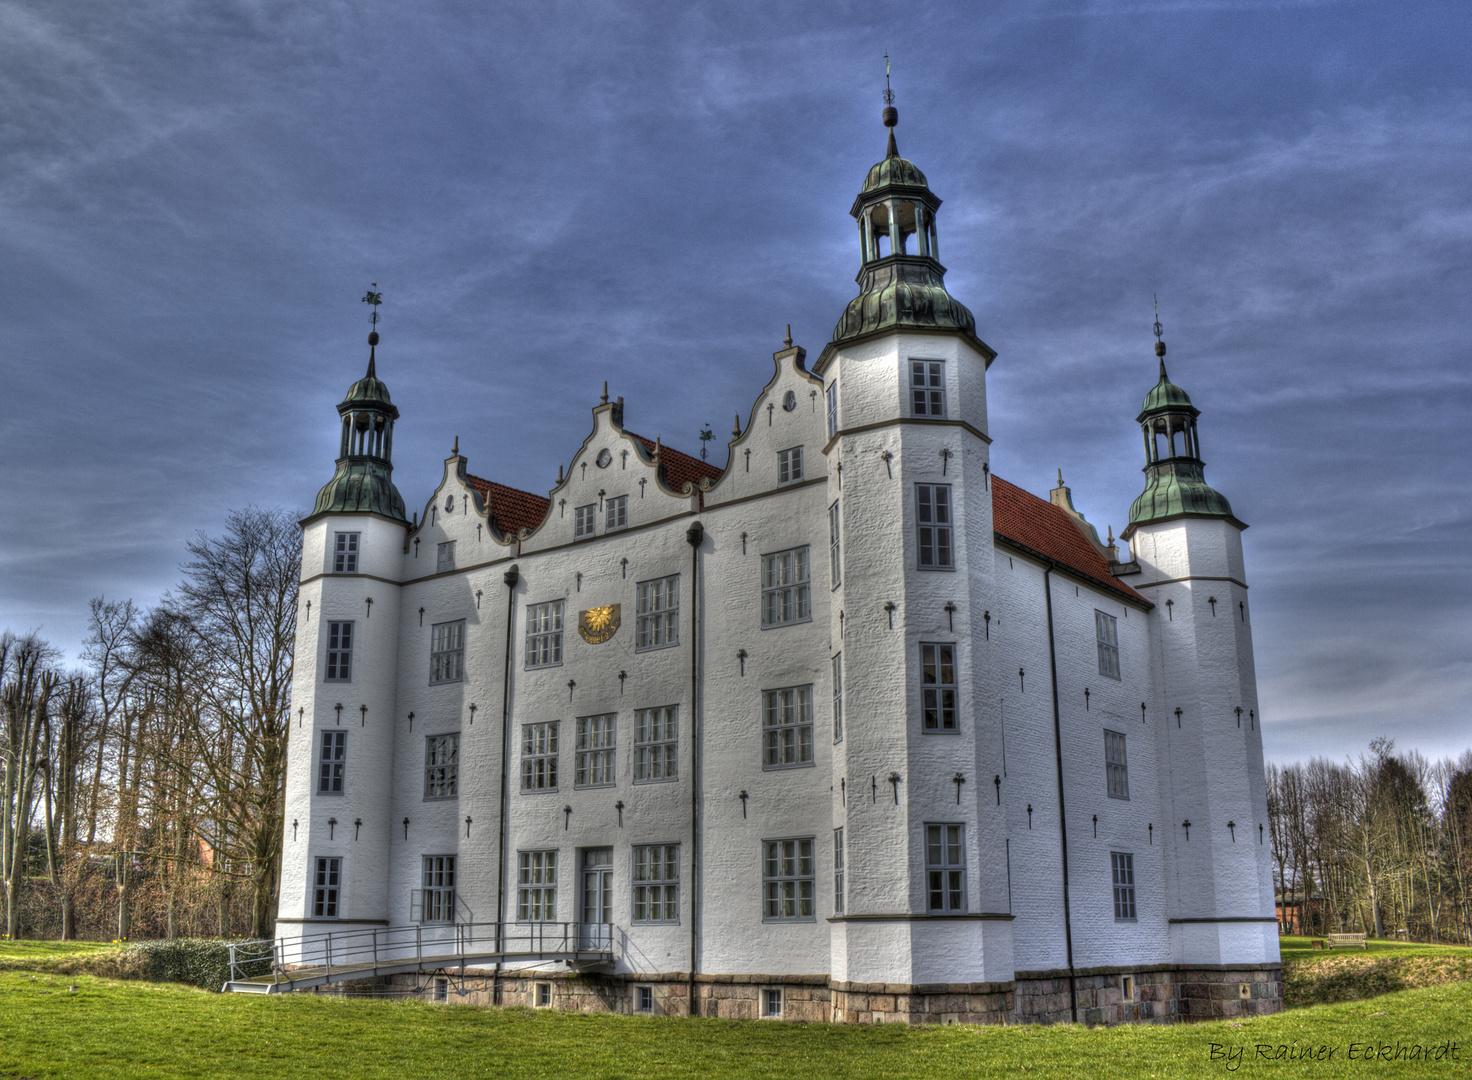 Das Ahrensburger Schloss in HDR